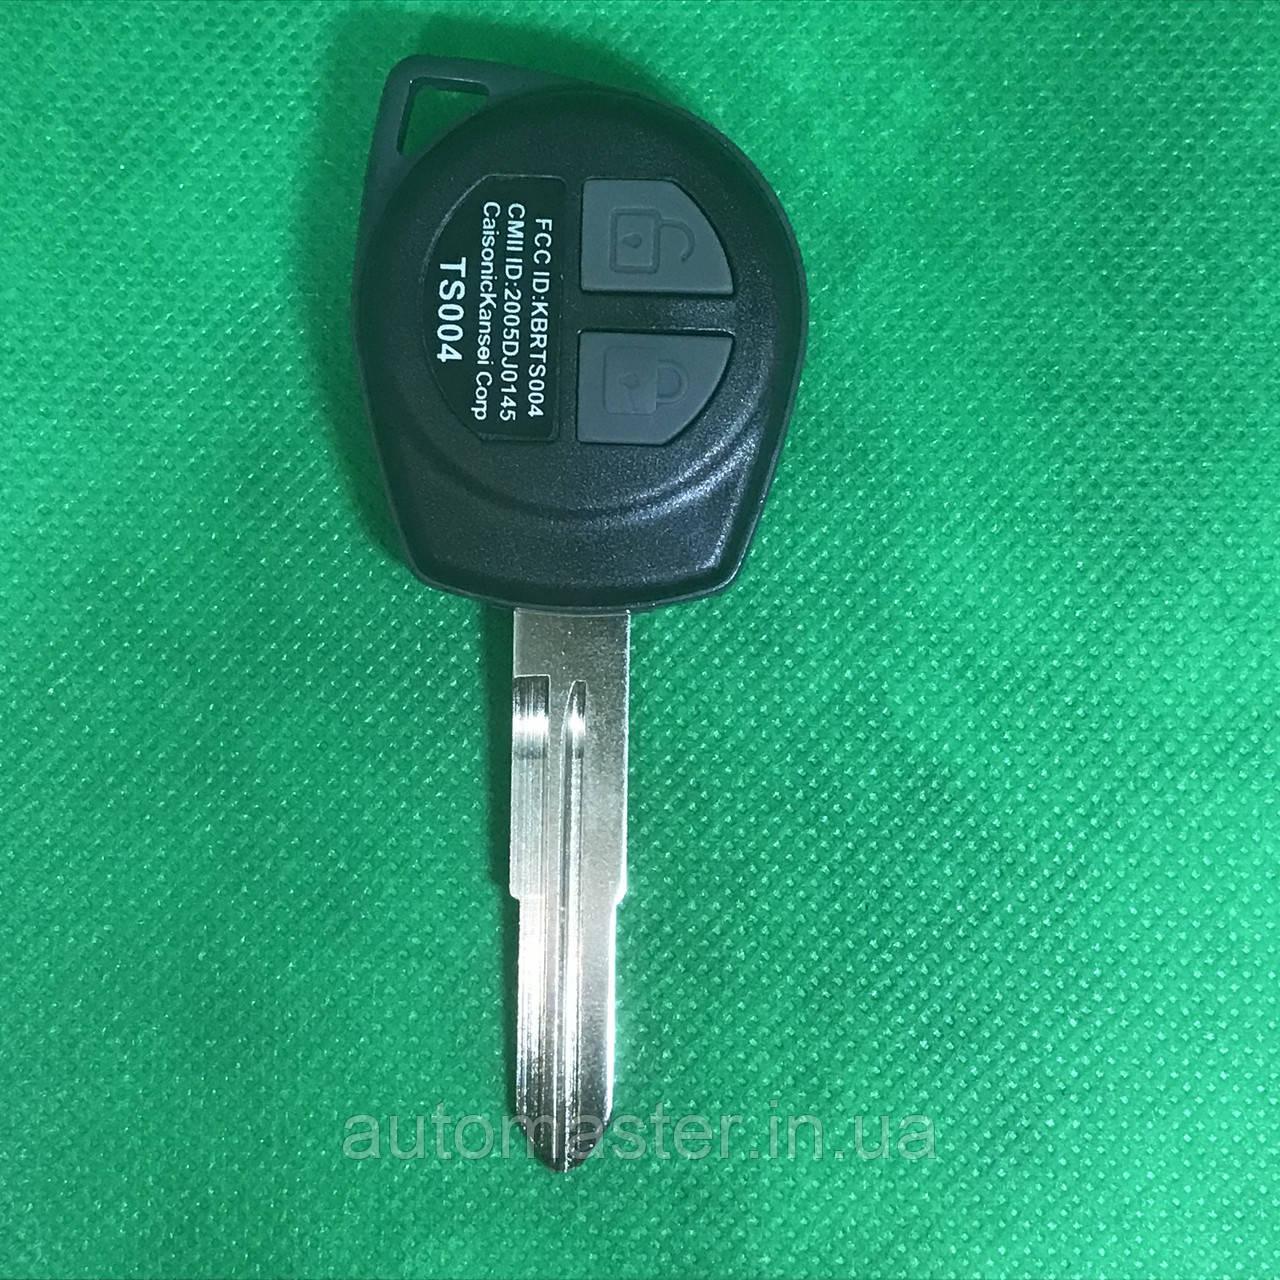 Автоключ для SUZUKI (Сузуки) SX4   2 - кнопки с чипом ID46(7936) и микросхема 433 MHZ